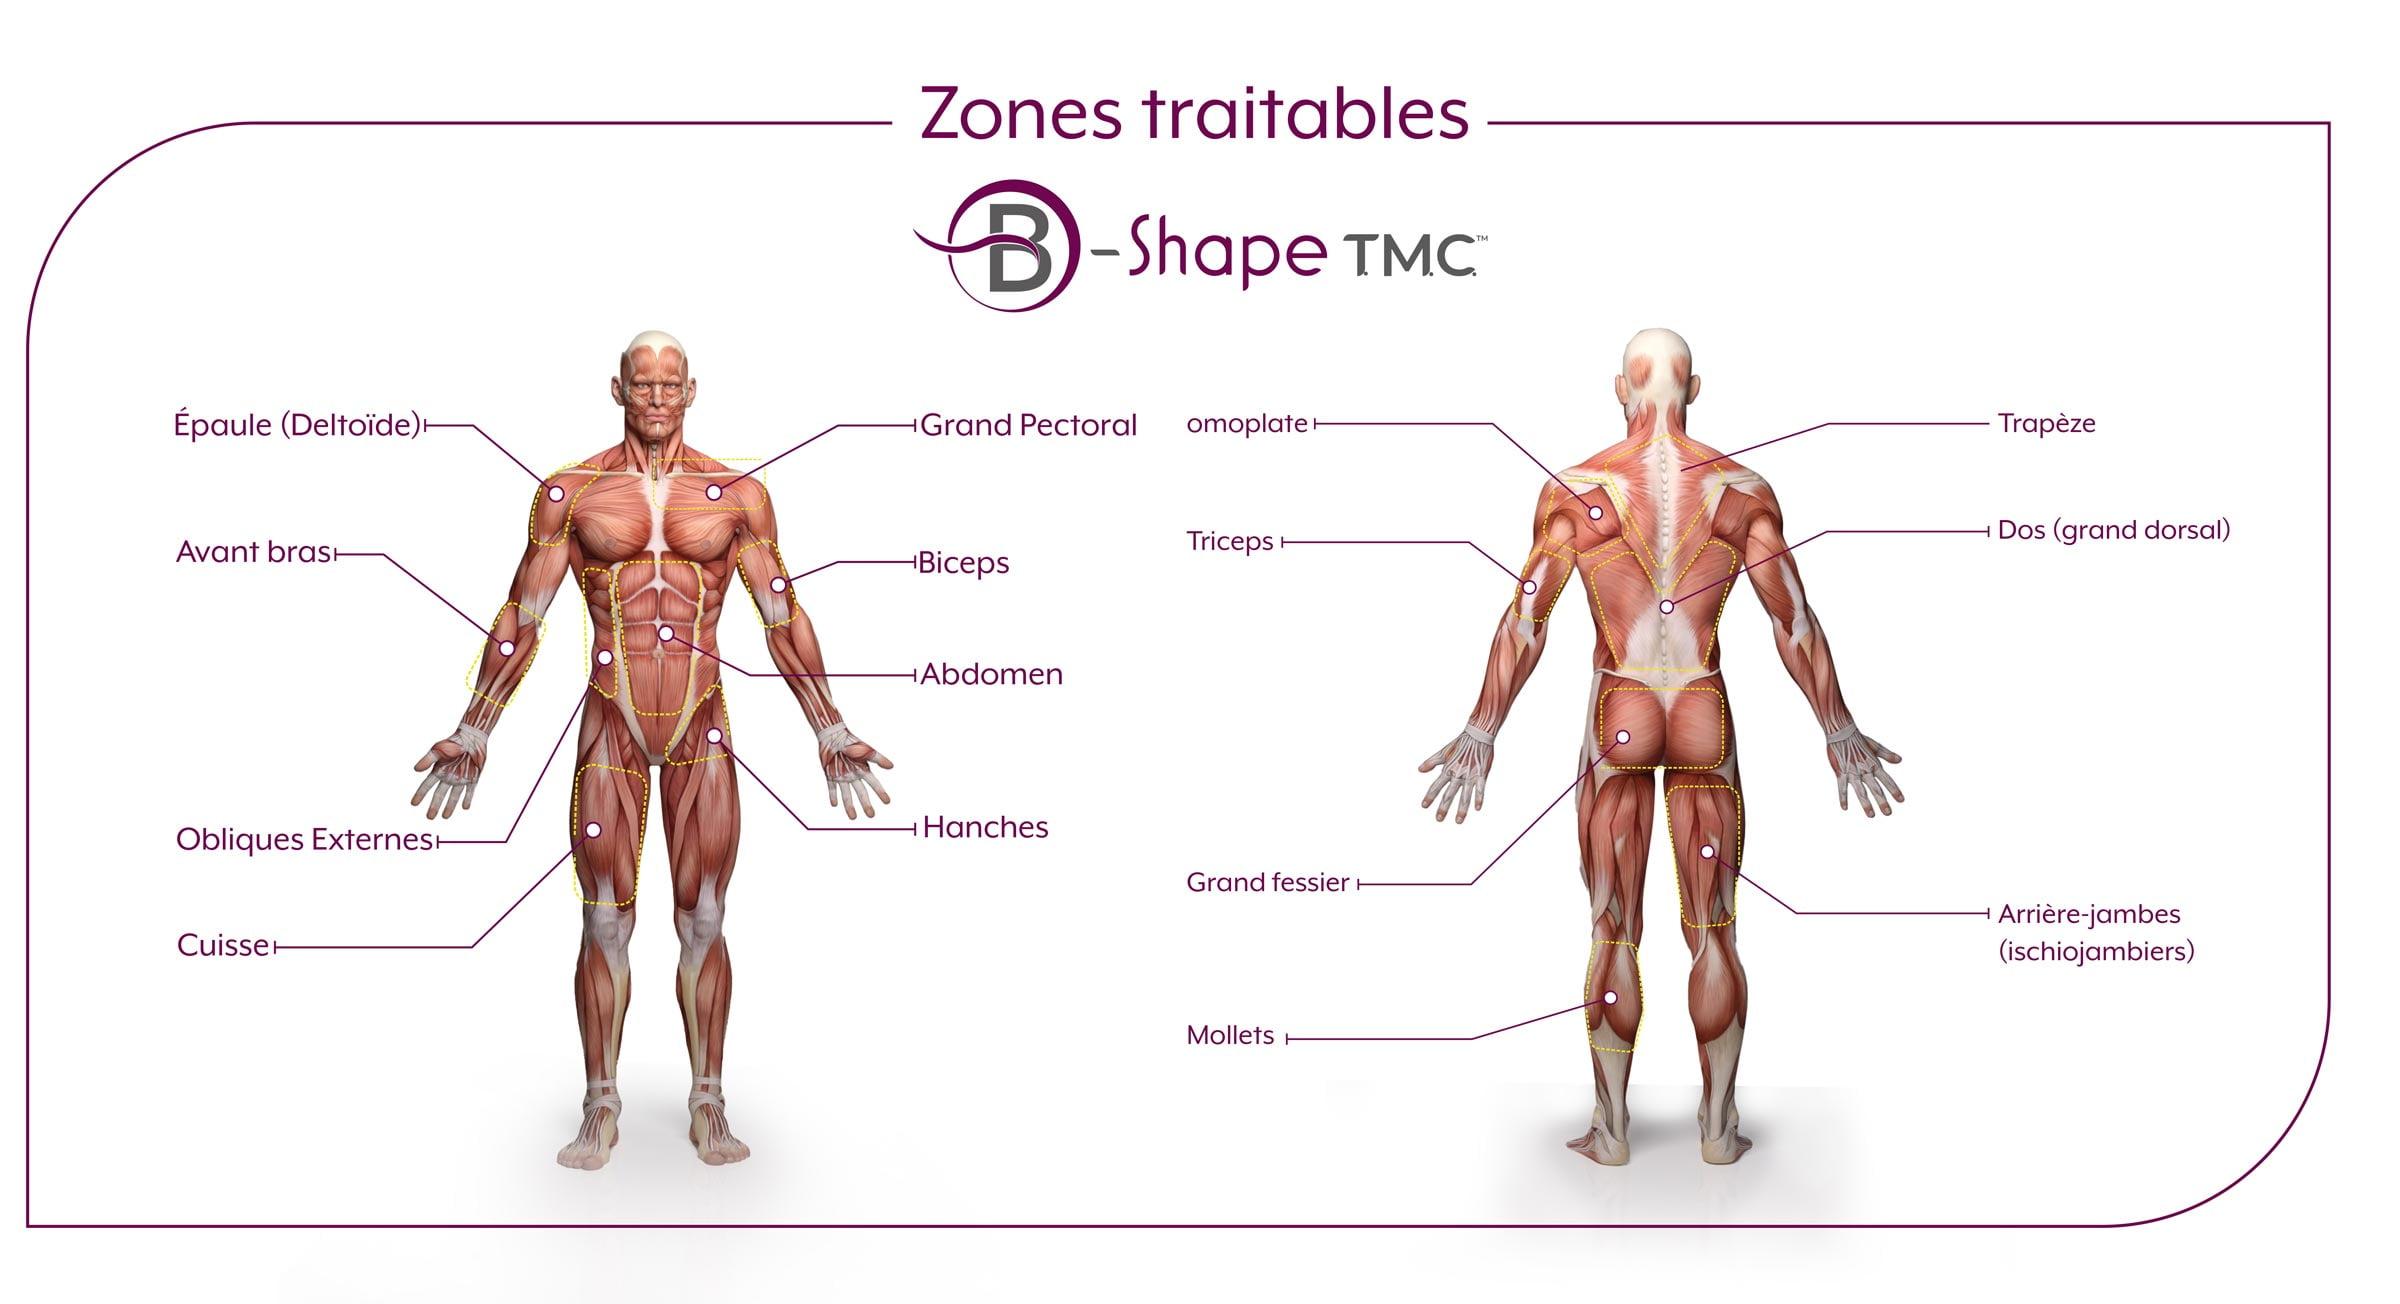 Zones traitables par B-Shape TMC